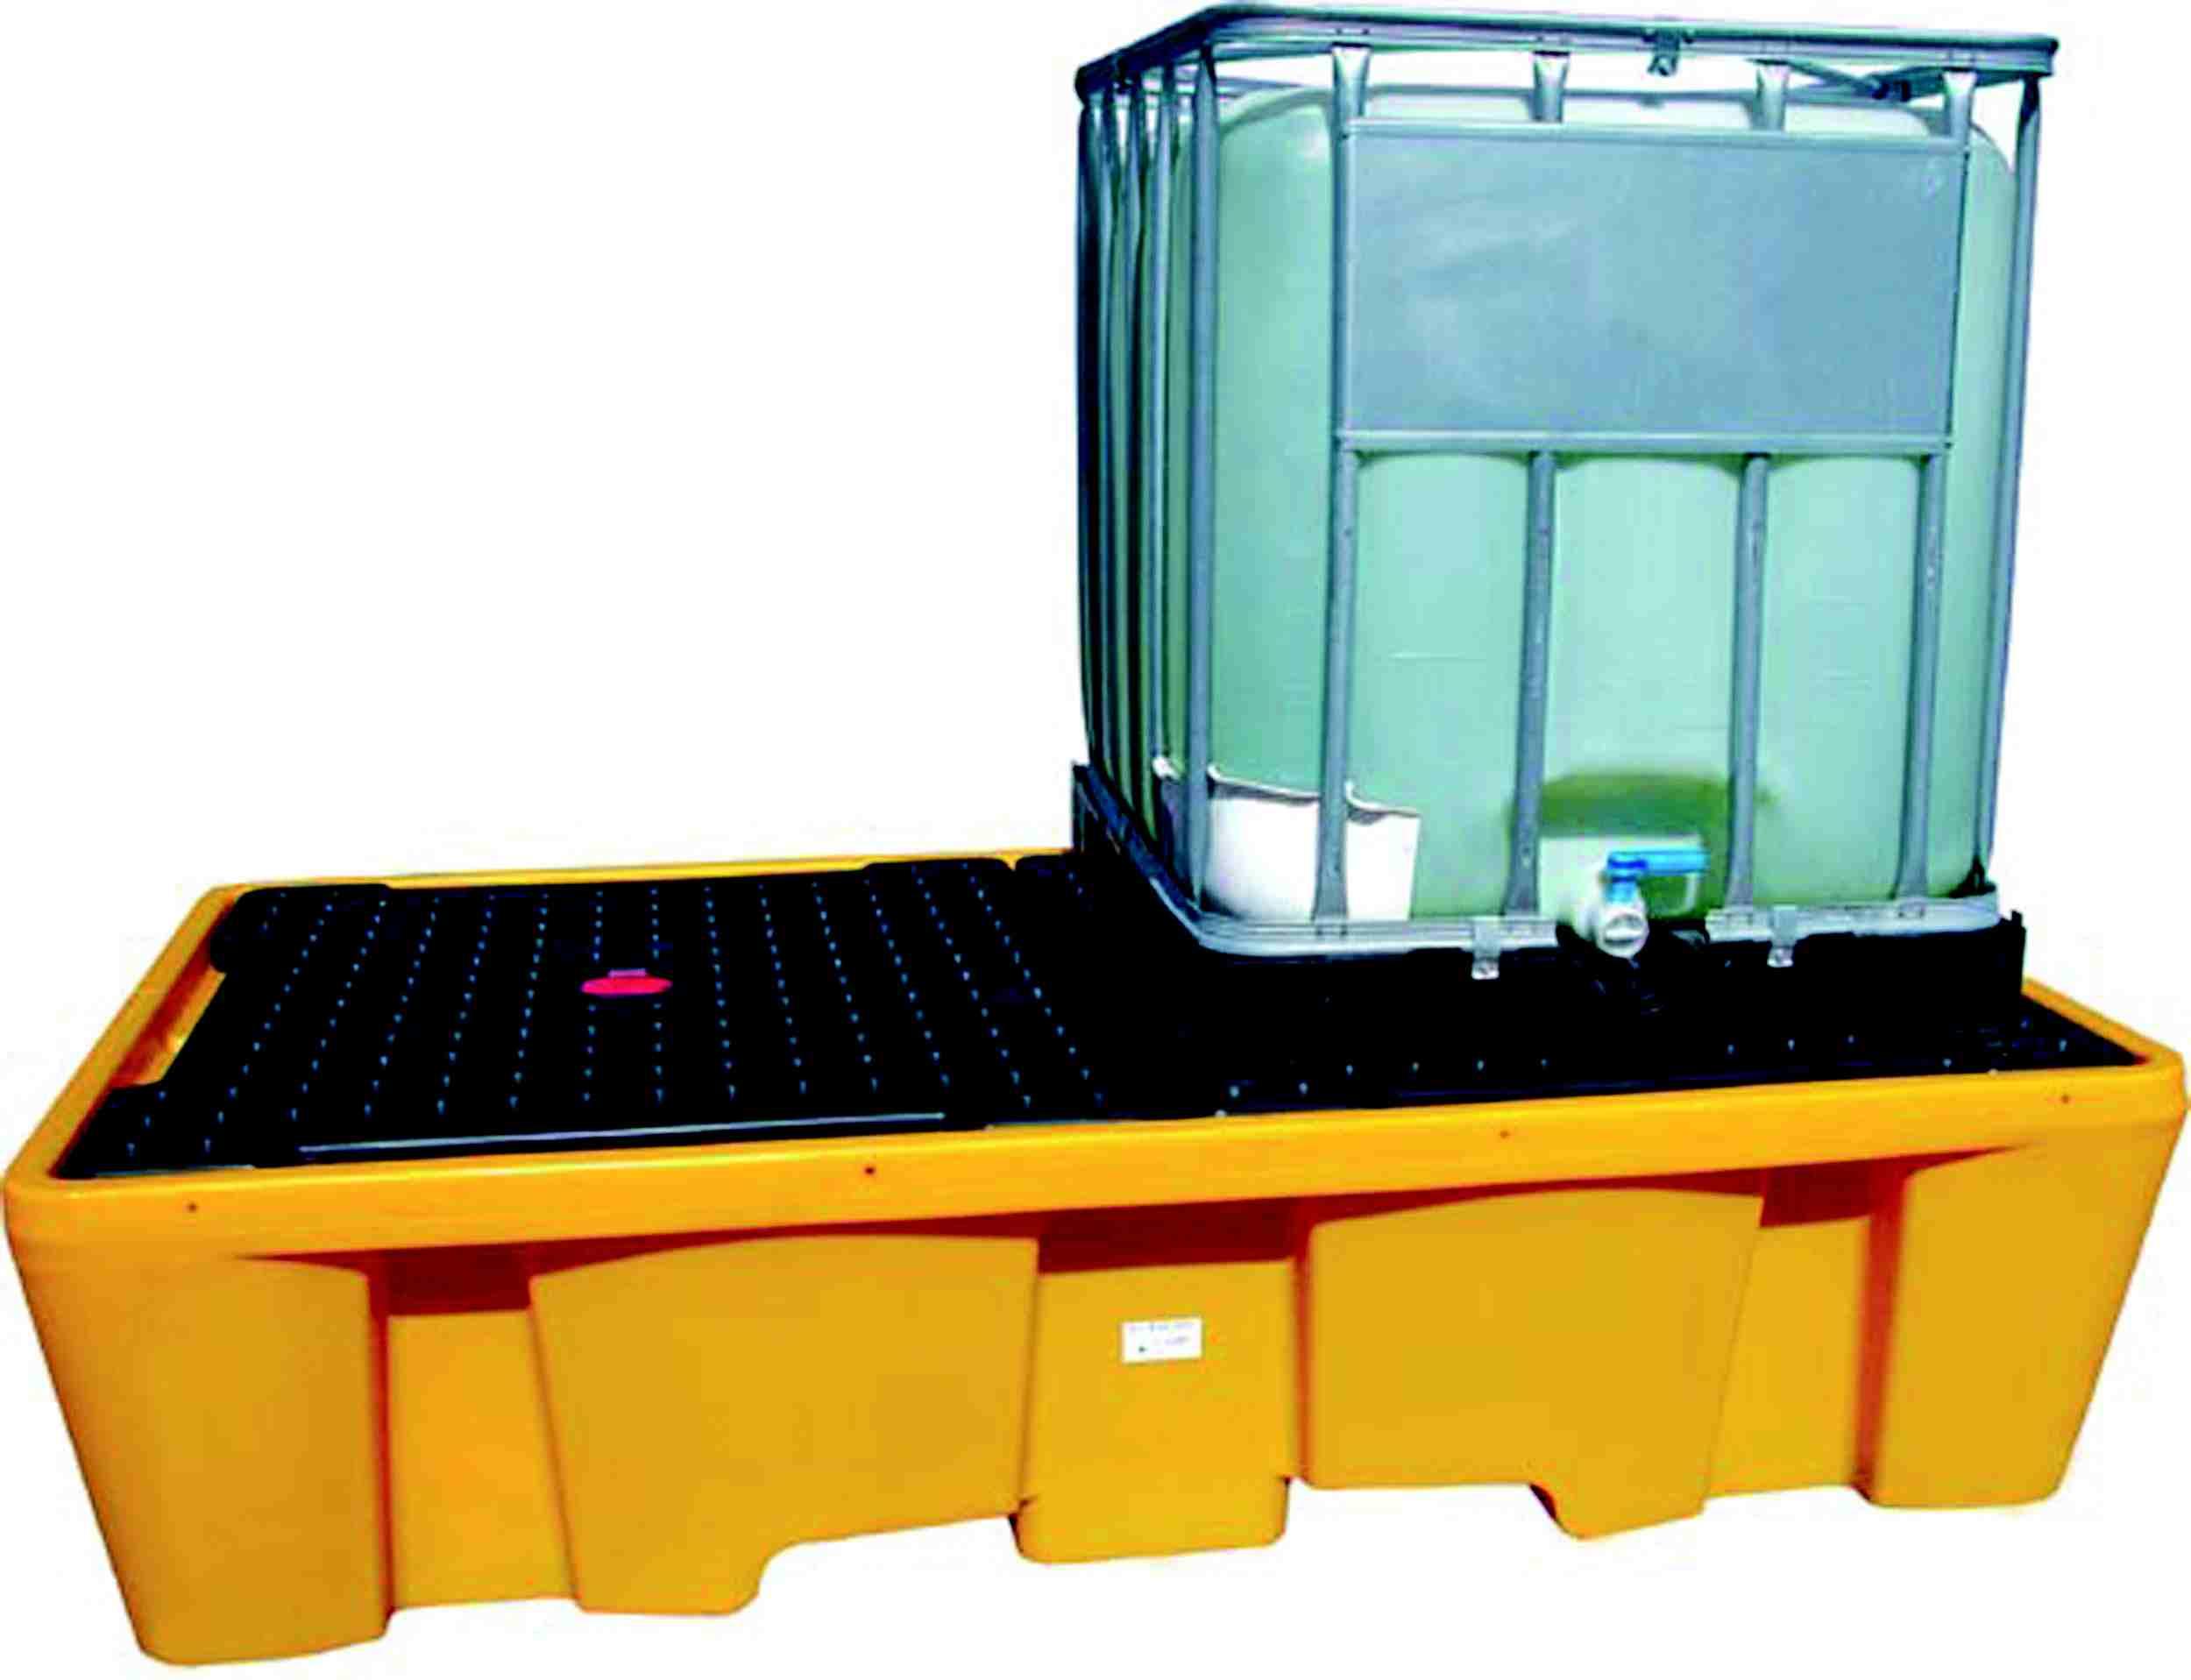 Vignette du produit : Bacs de rétention cubi et container